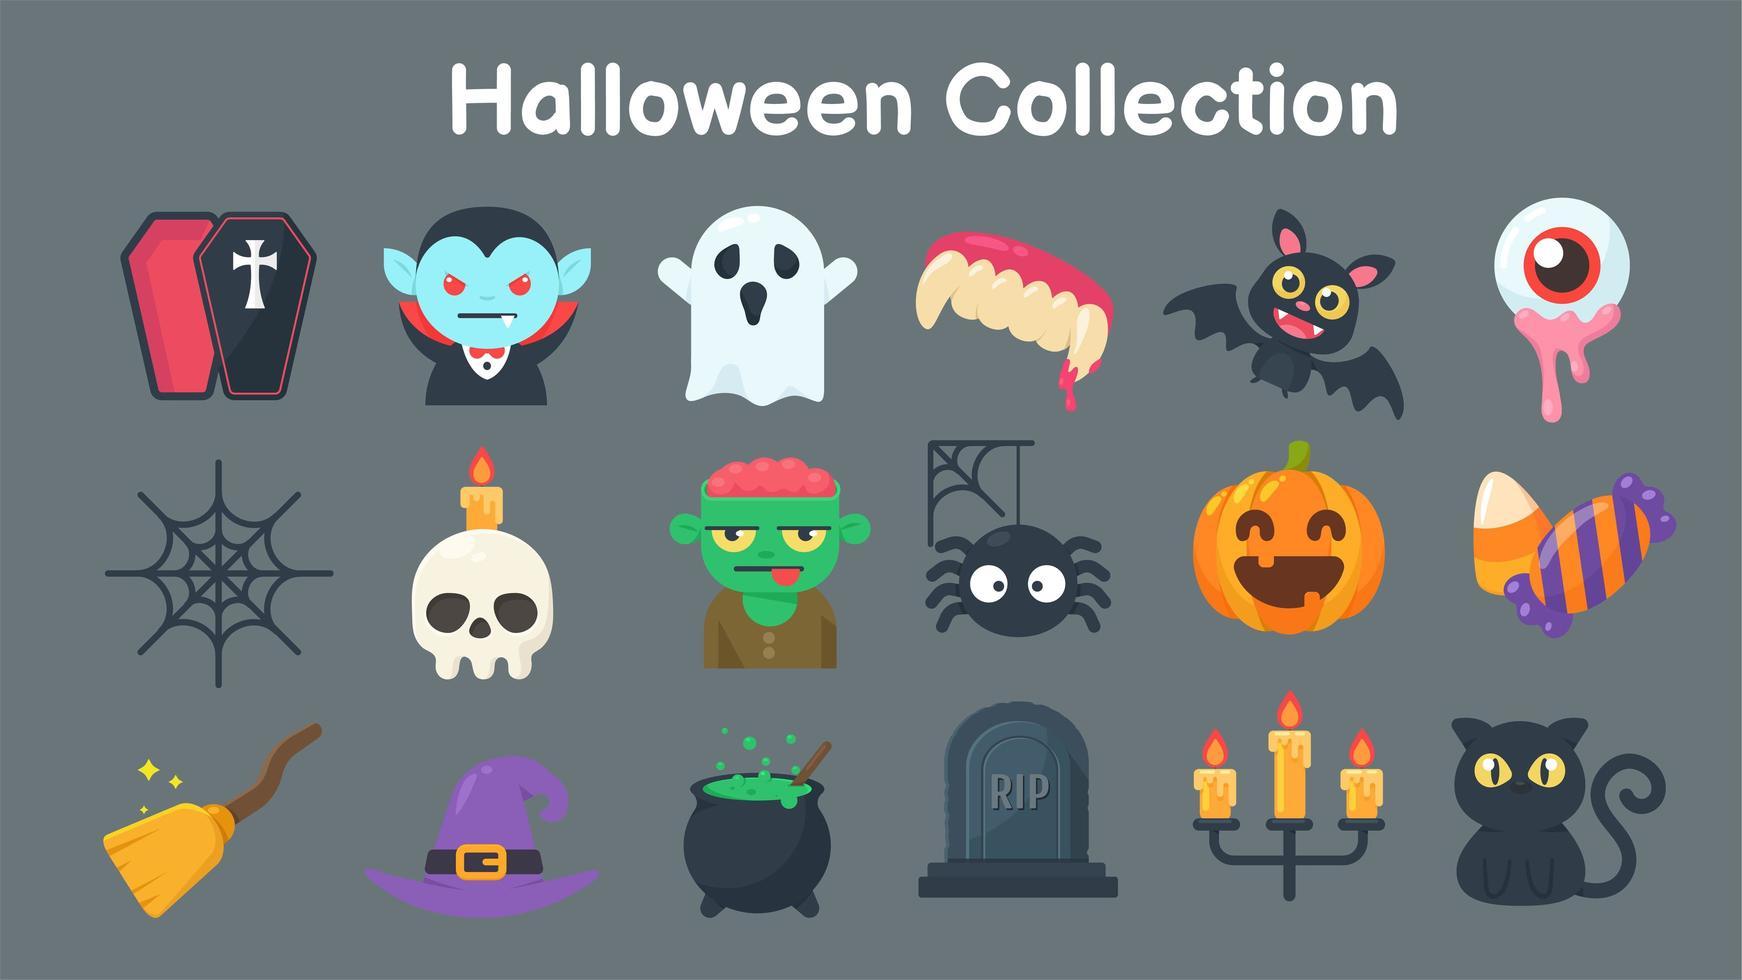 collection de fantômes et d'objets pour halloween vecteur